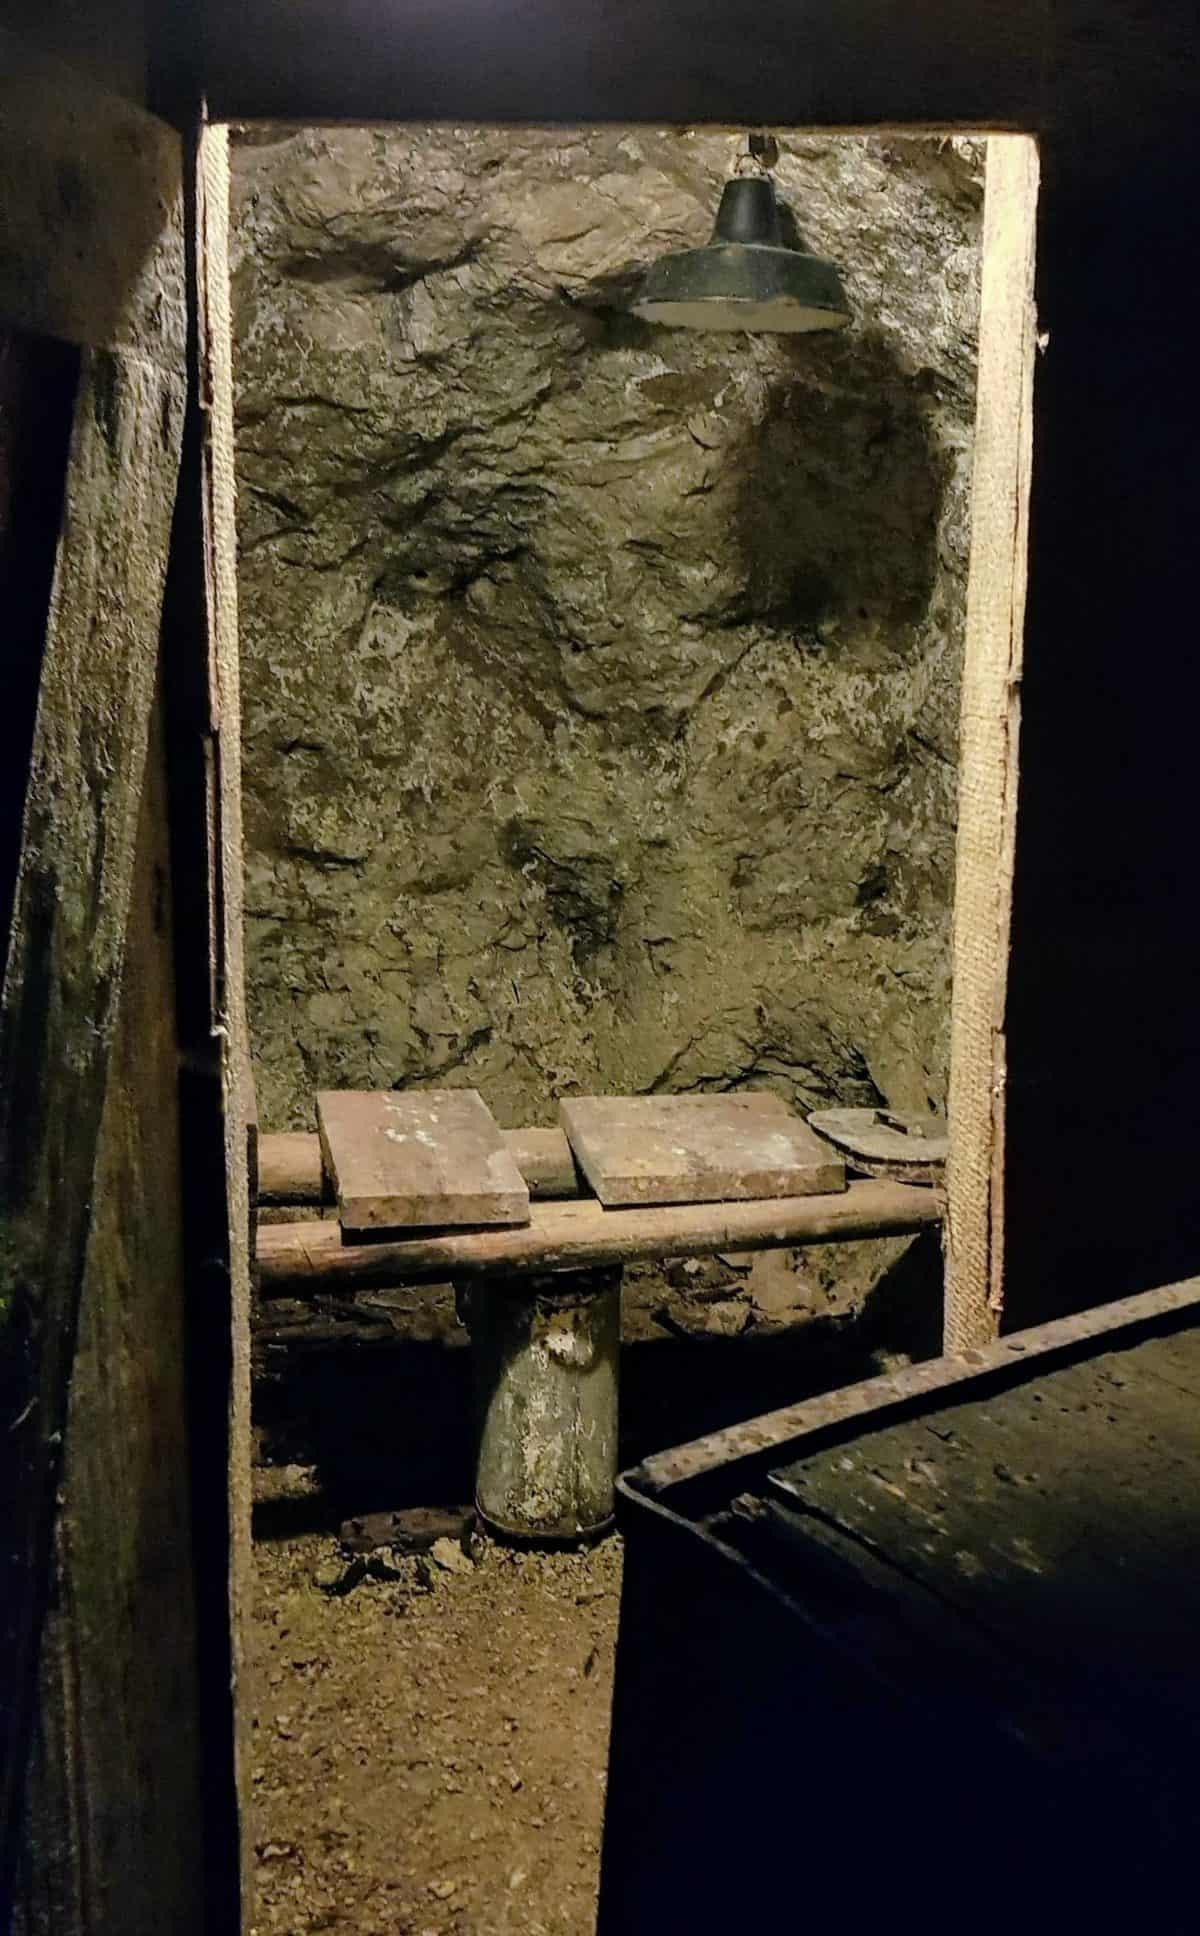 Stilles Örtchen im Stollen der Schaubergwerke Terra Mystica in Kärnten - Bergwerk & Ausflugsziel Nähe Villach in Bad Bleiberg